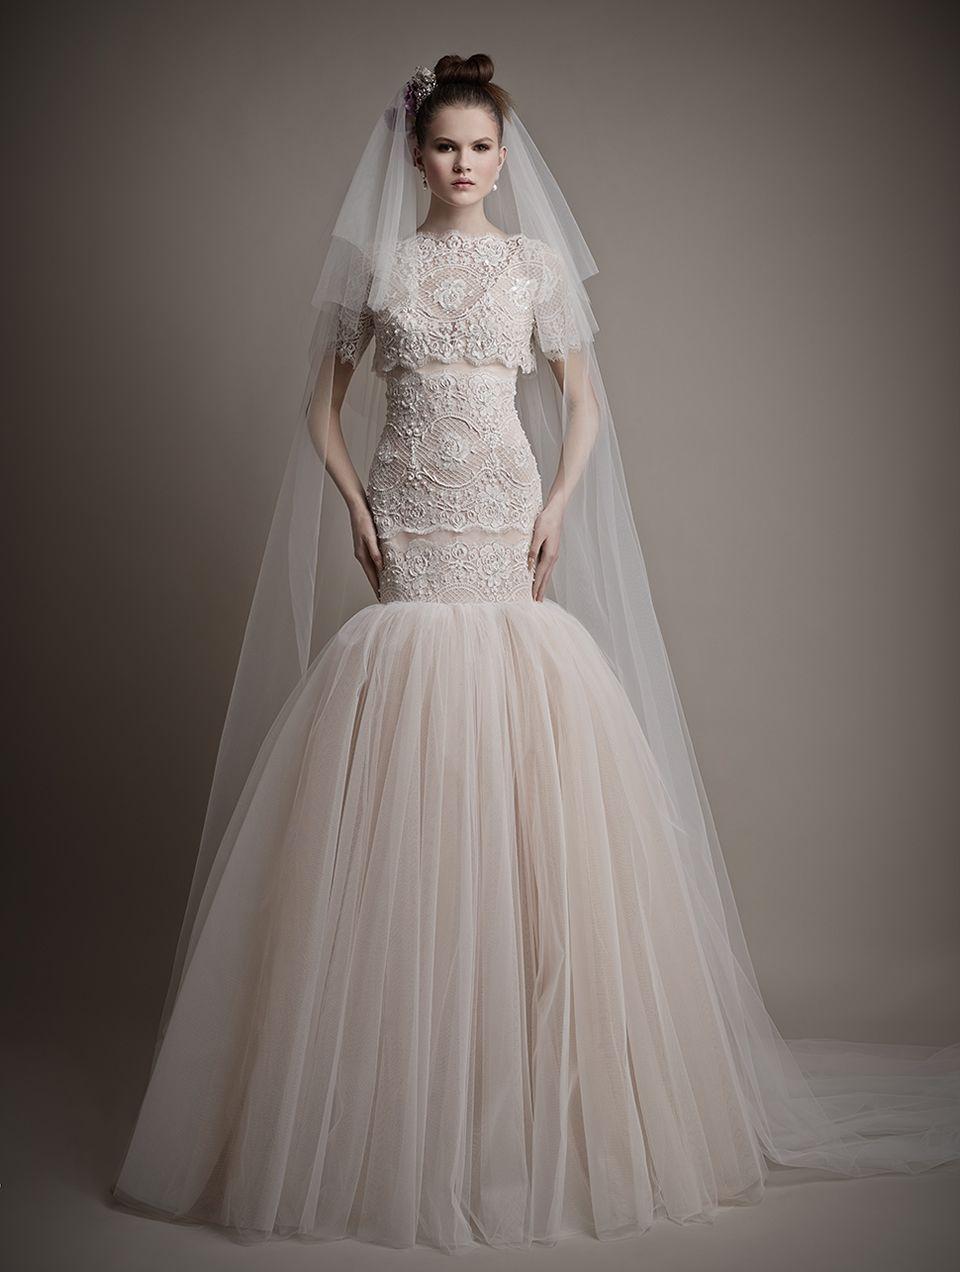 Glamorous & Elegant Wedding Dresses from Ersa Atelier | Atelier ...